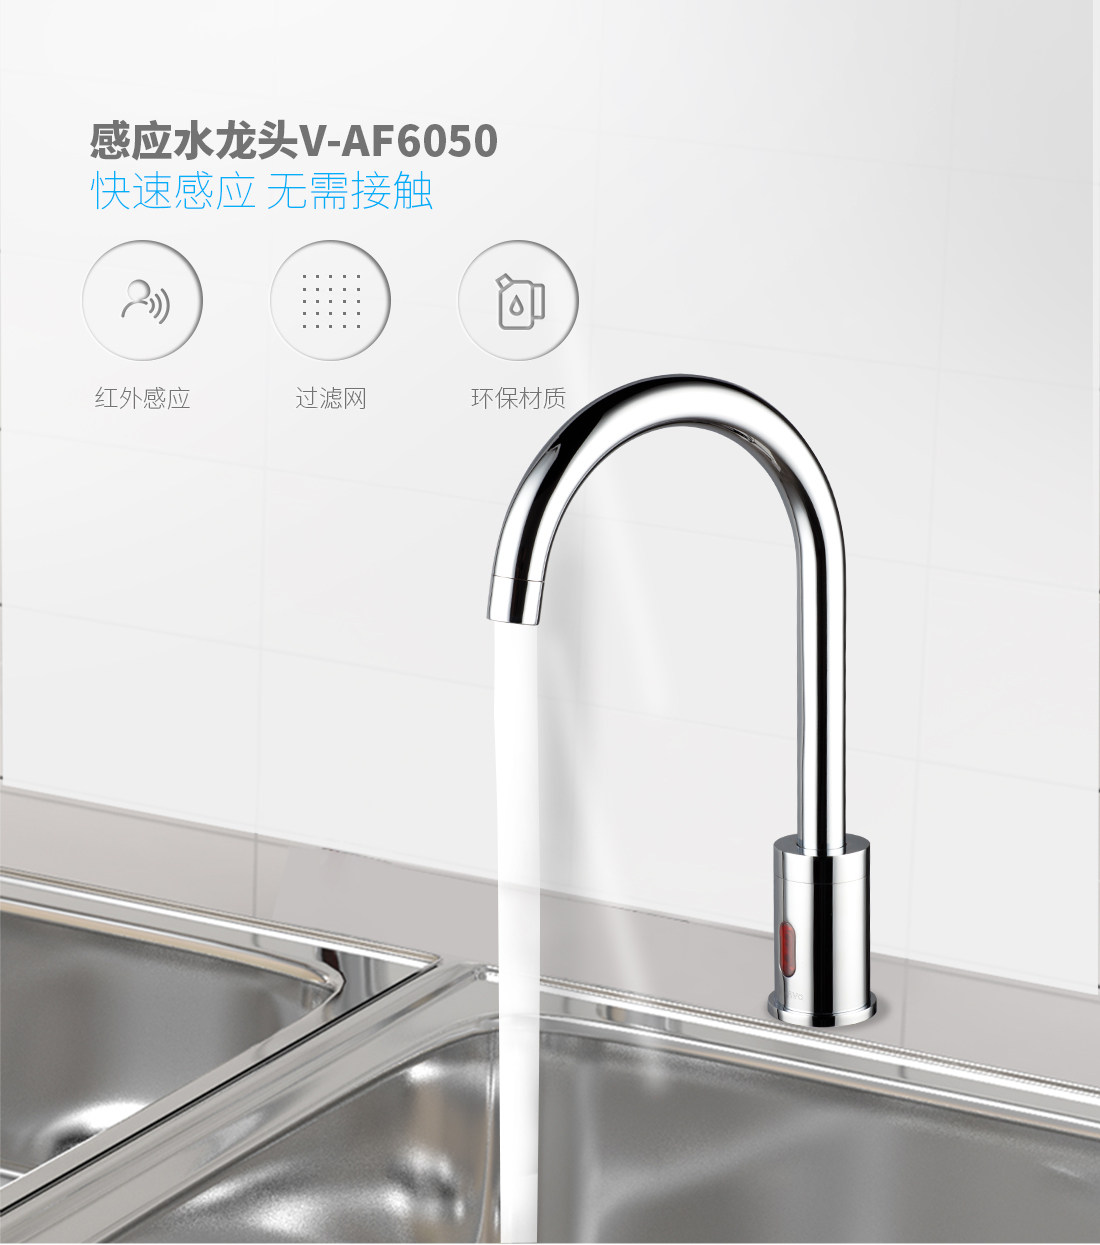 V-AF6050